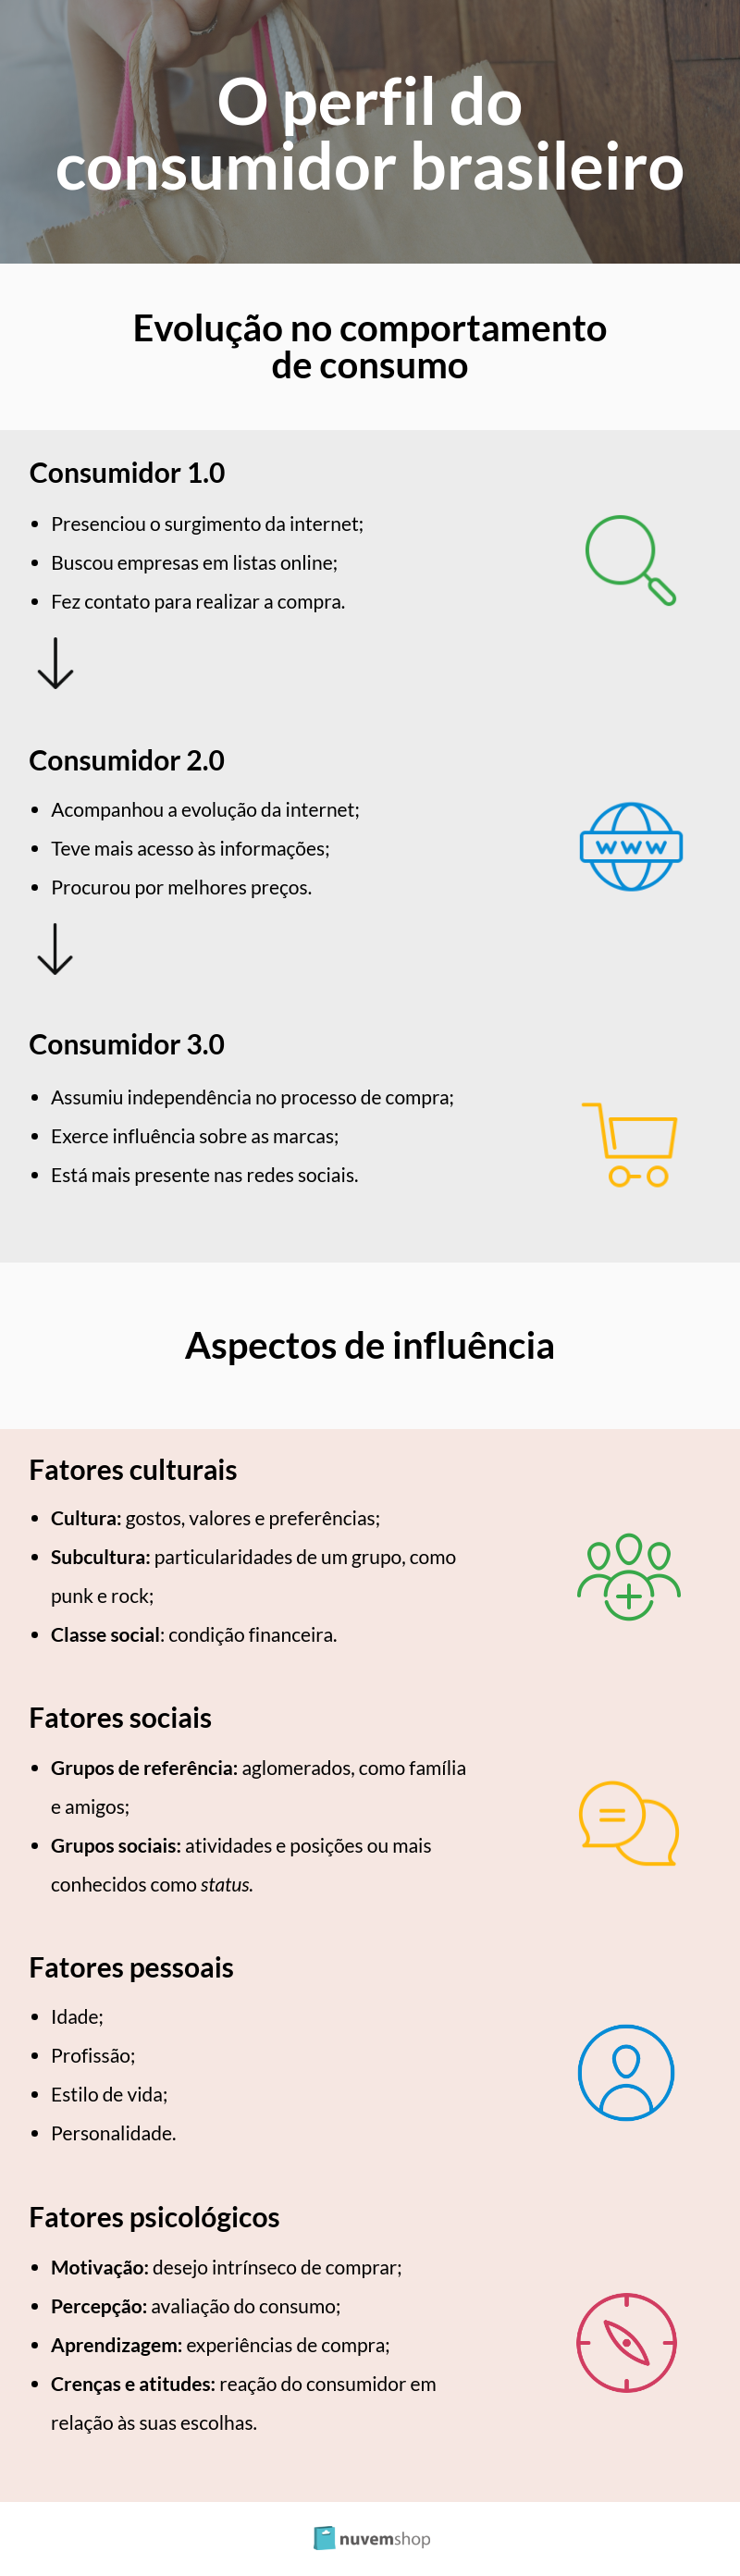 infográfico sobre perfil do consumidor brasileiro